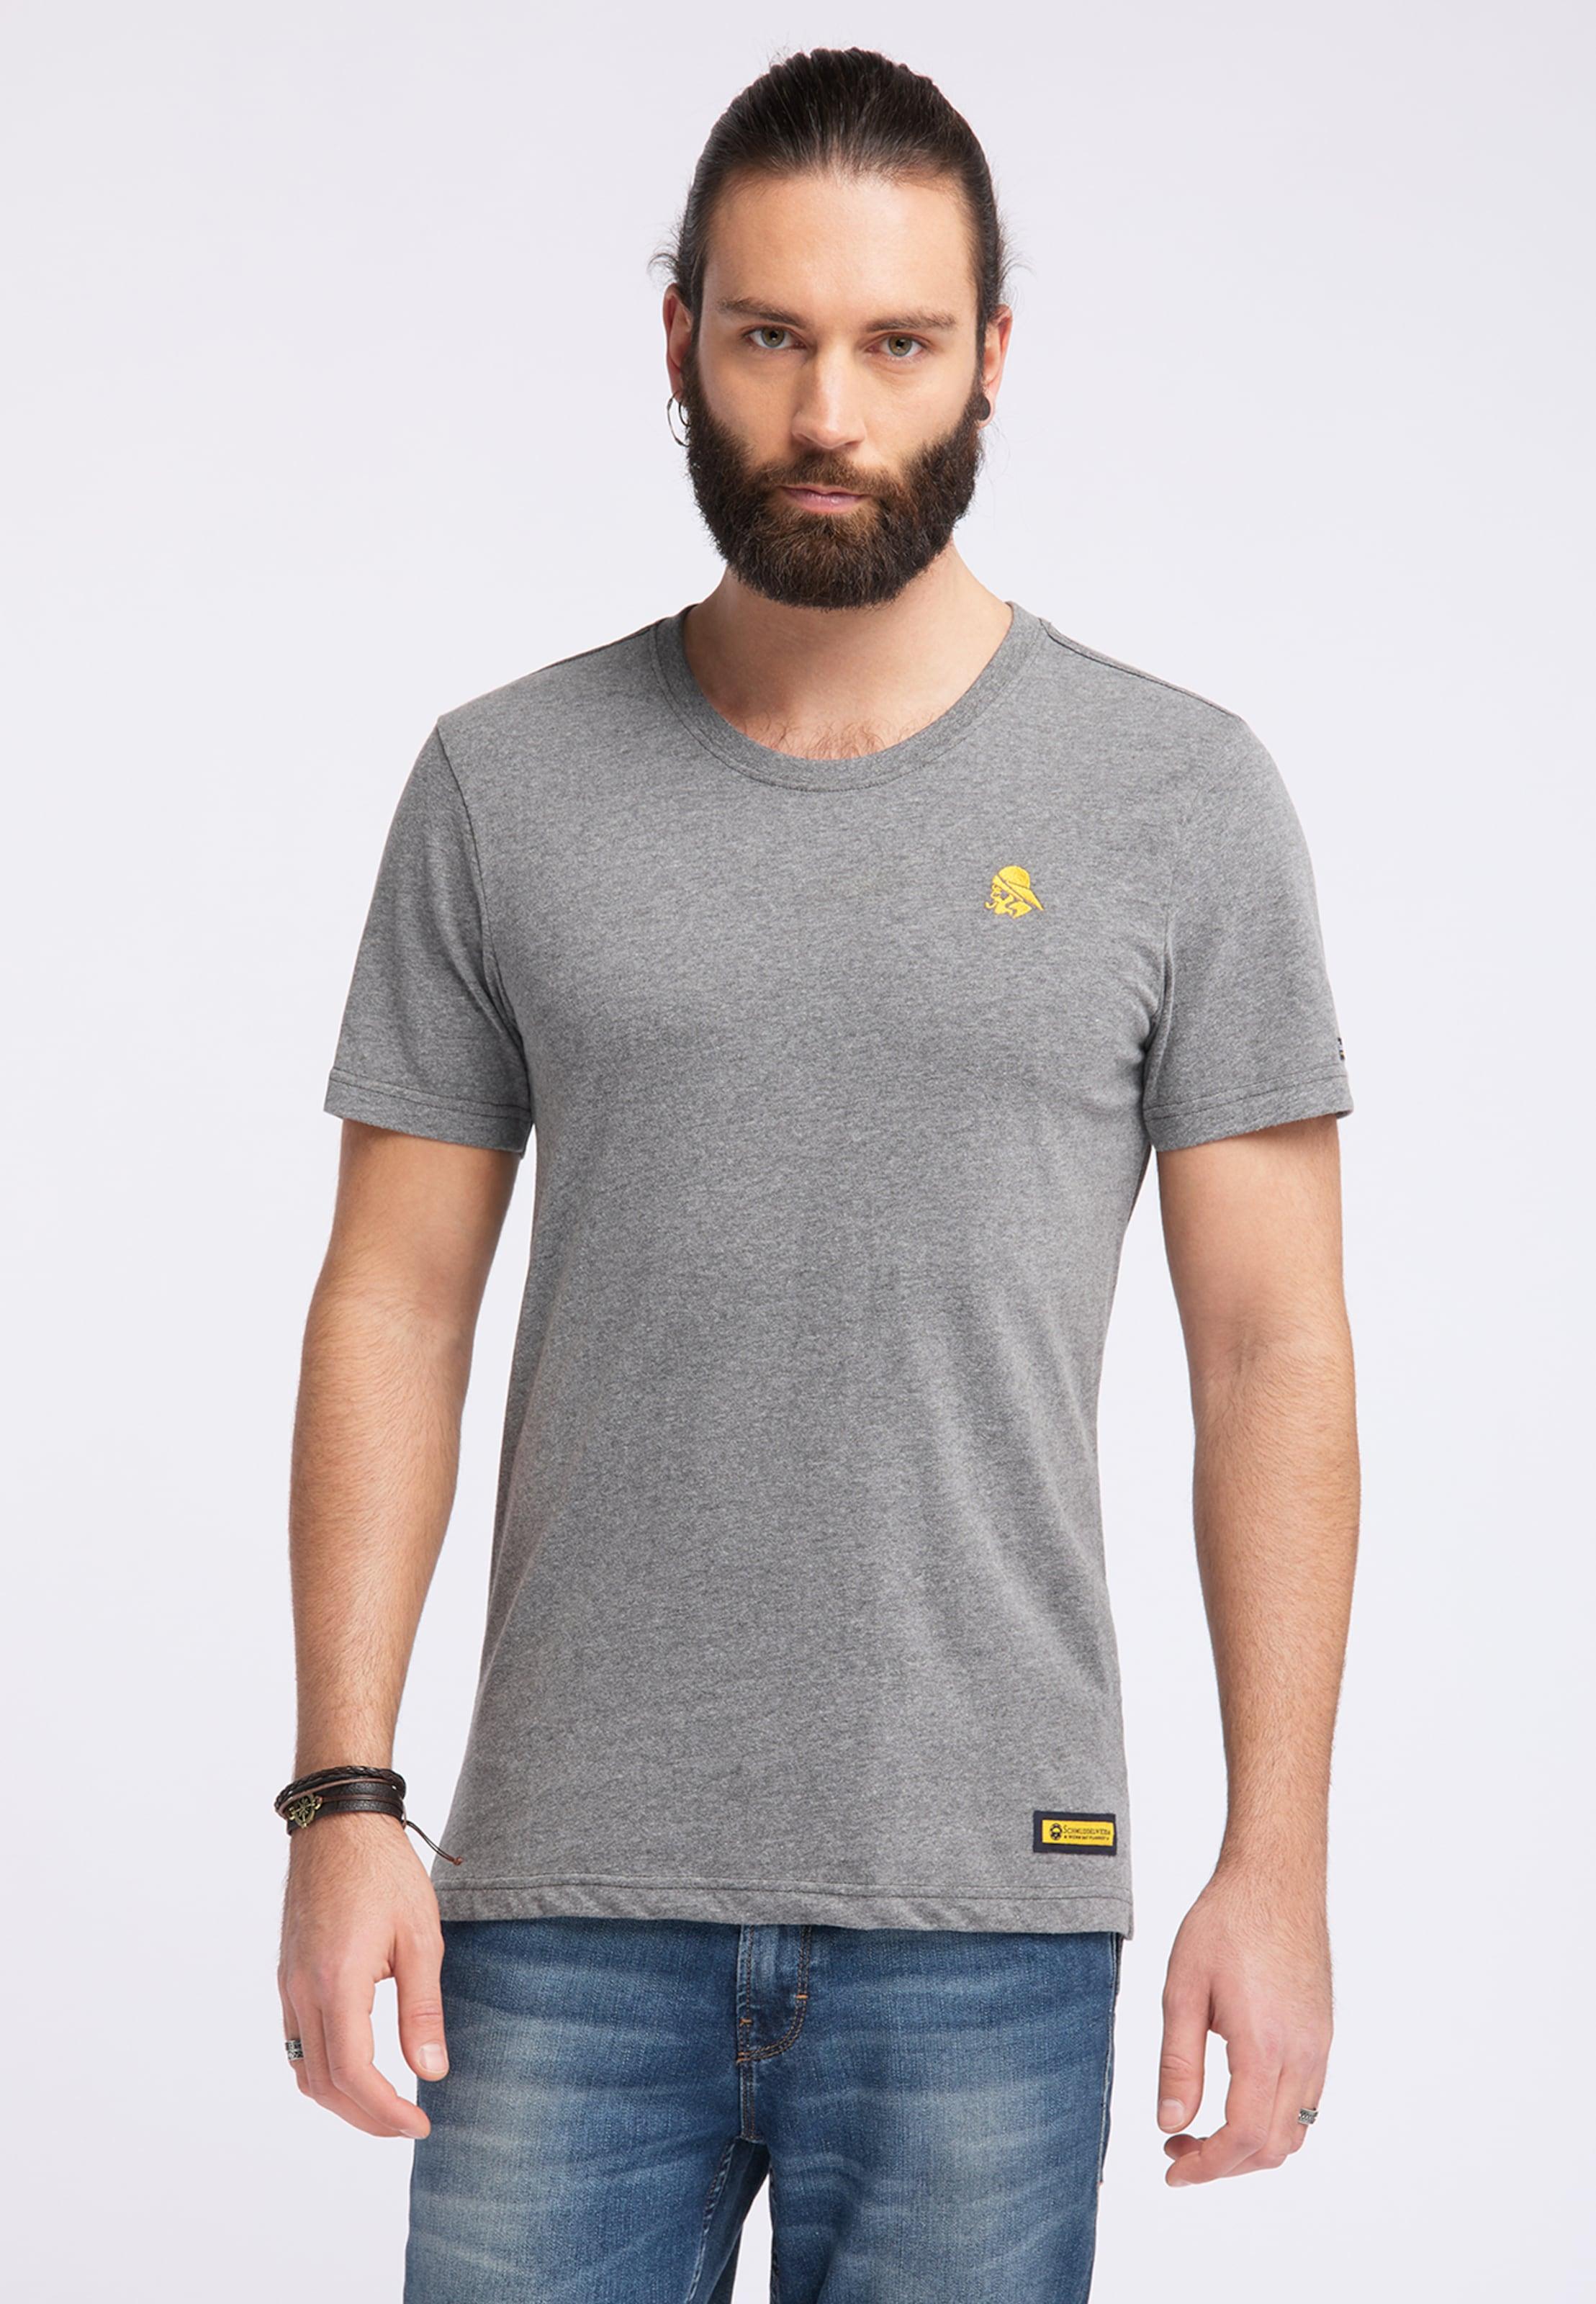 Schmuddelwedda Schmuddelwedda In GelbGraumeliert shirt GelbGraumeliert T T shirt shirt T Schmuddelwedda In VpqMLzSGU